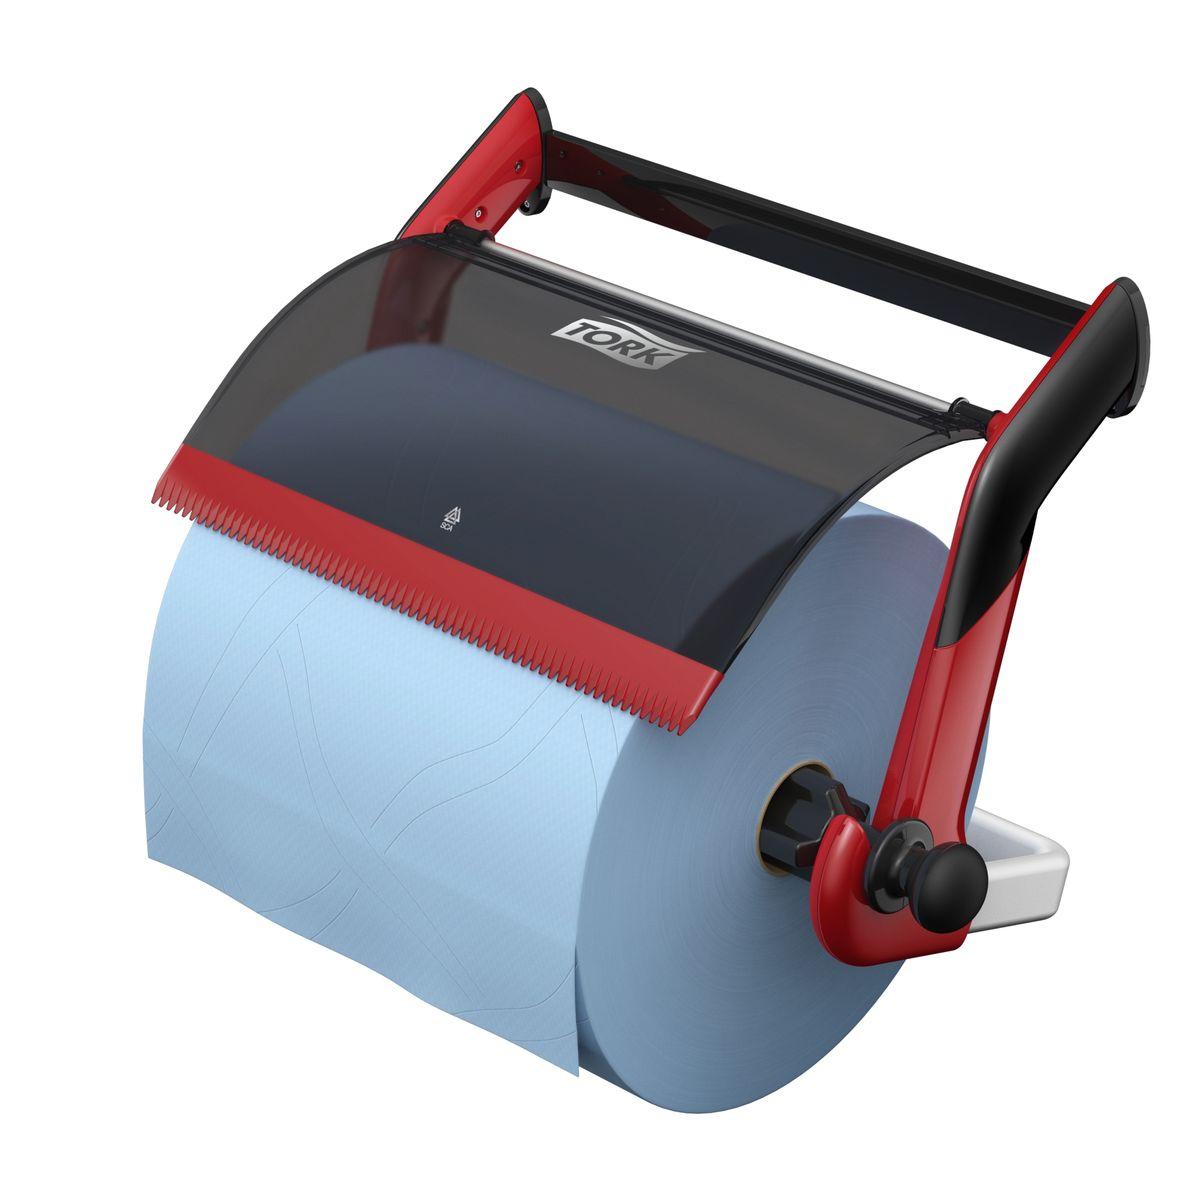 Диспенсер для туалетной бумаги Tork, цвет: красный. 652108652108Держатель для протирочных материалов Tork.Настенный держатель обладает прочной конструкцией и позволит сэкономить место.Быстро и легко менять расходный материал.